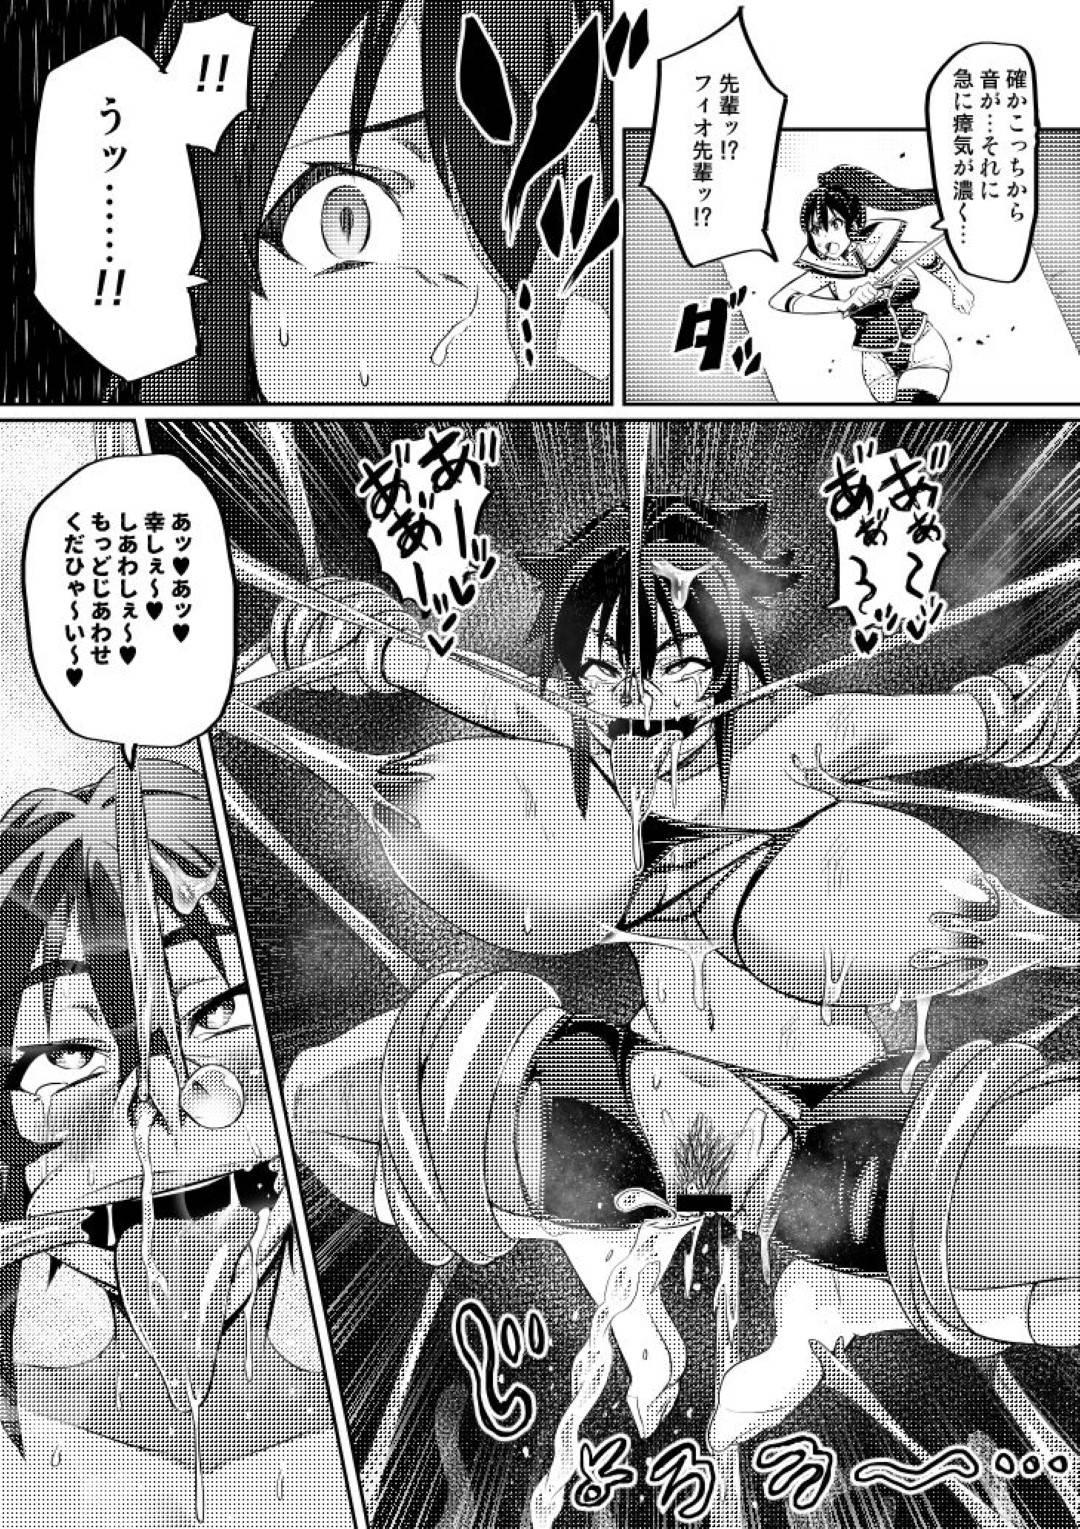 【エロ漫画】淫魔のチカラで自分の欲望を具現化した触手に犯され、股間にチンコが生えて仲間の女の子を犯してゆく